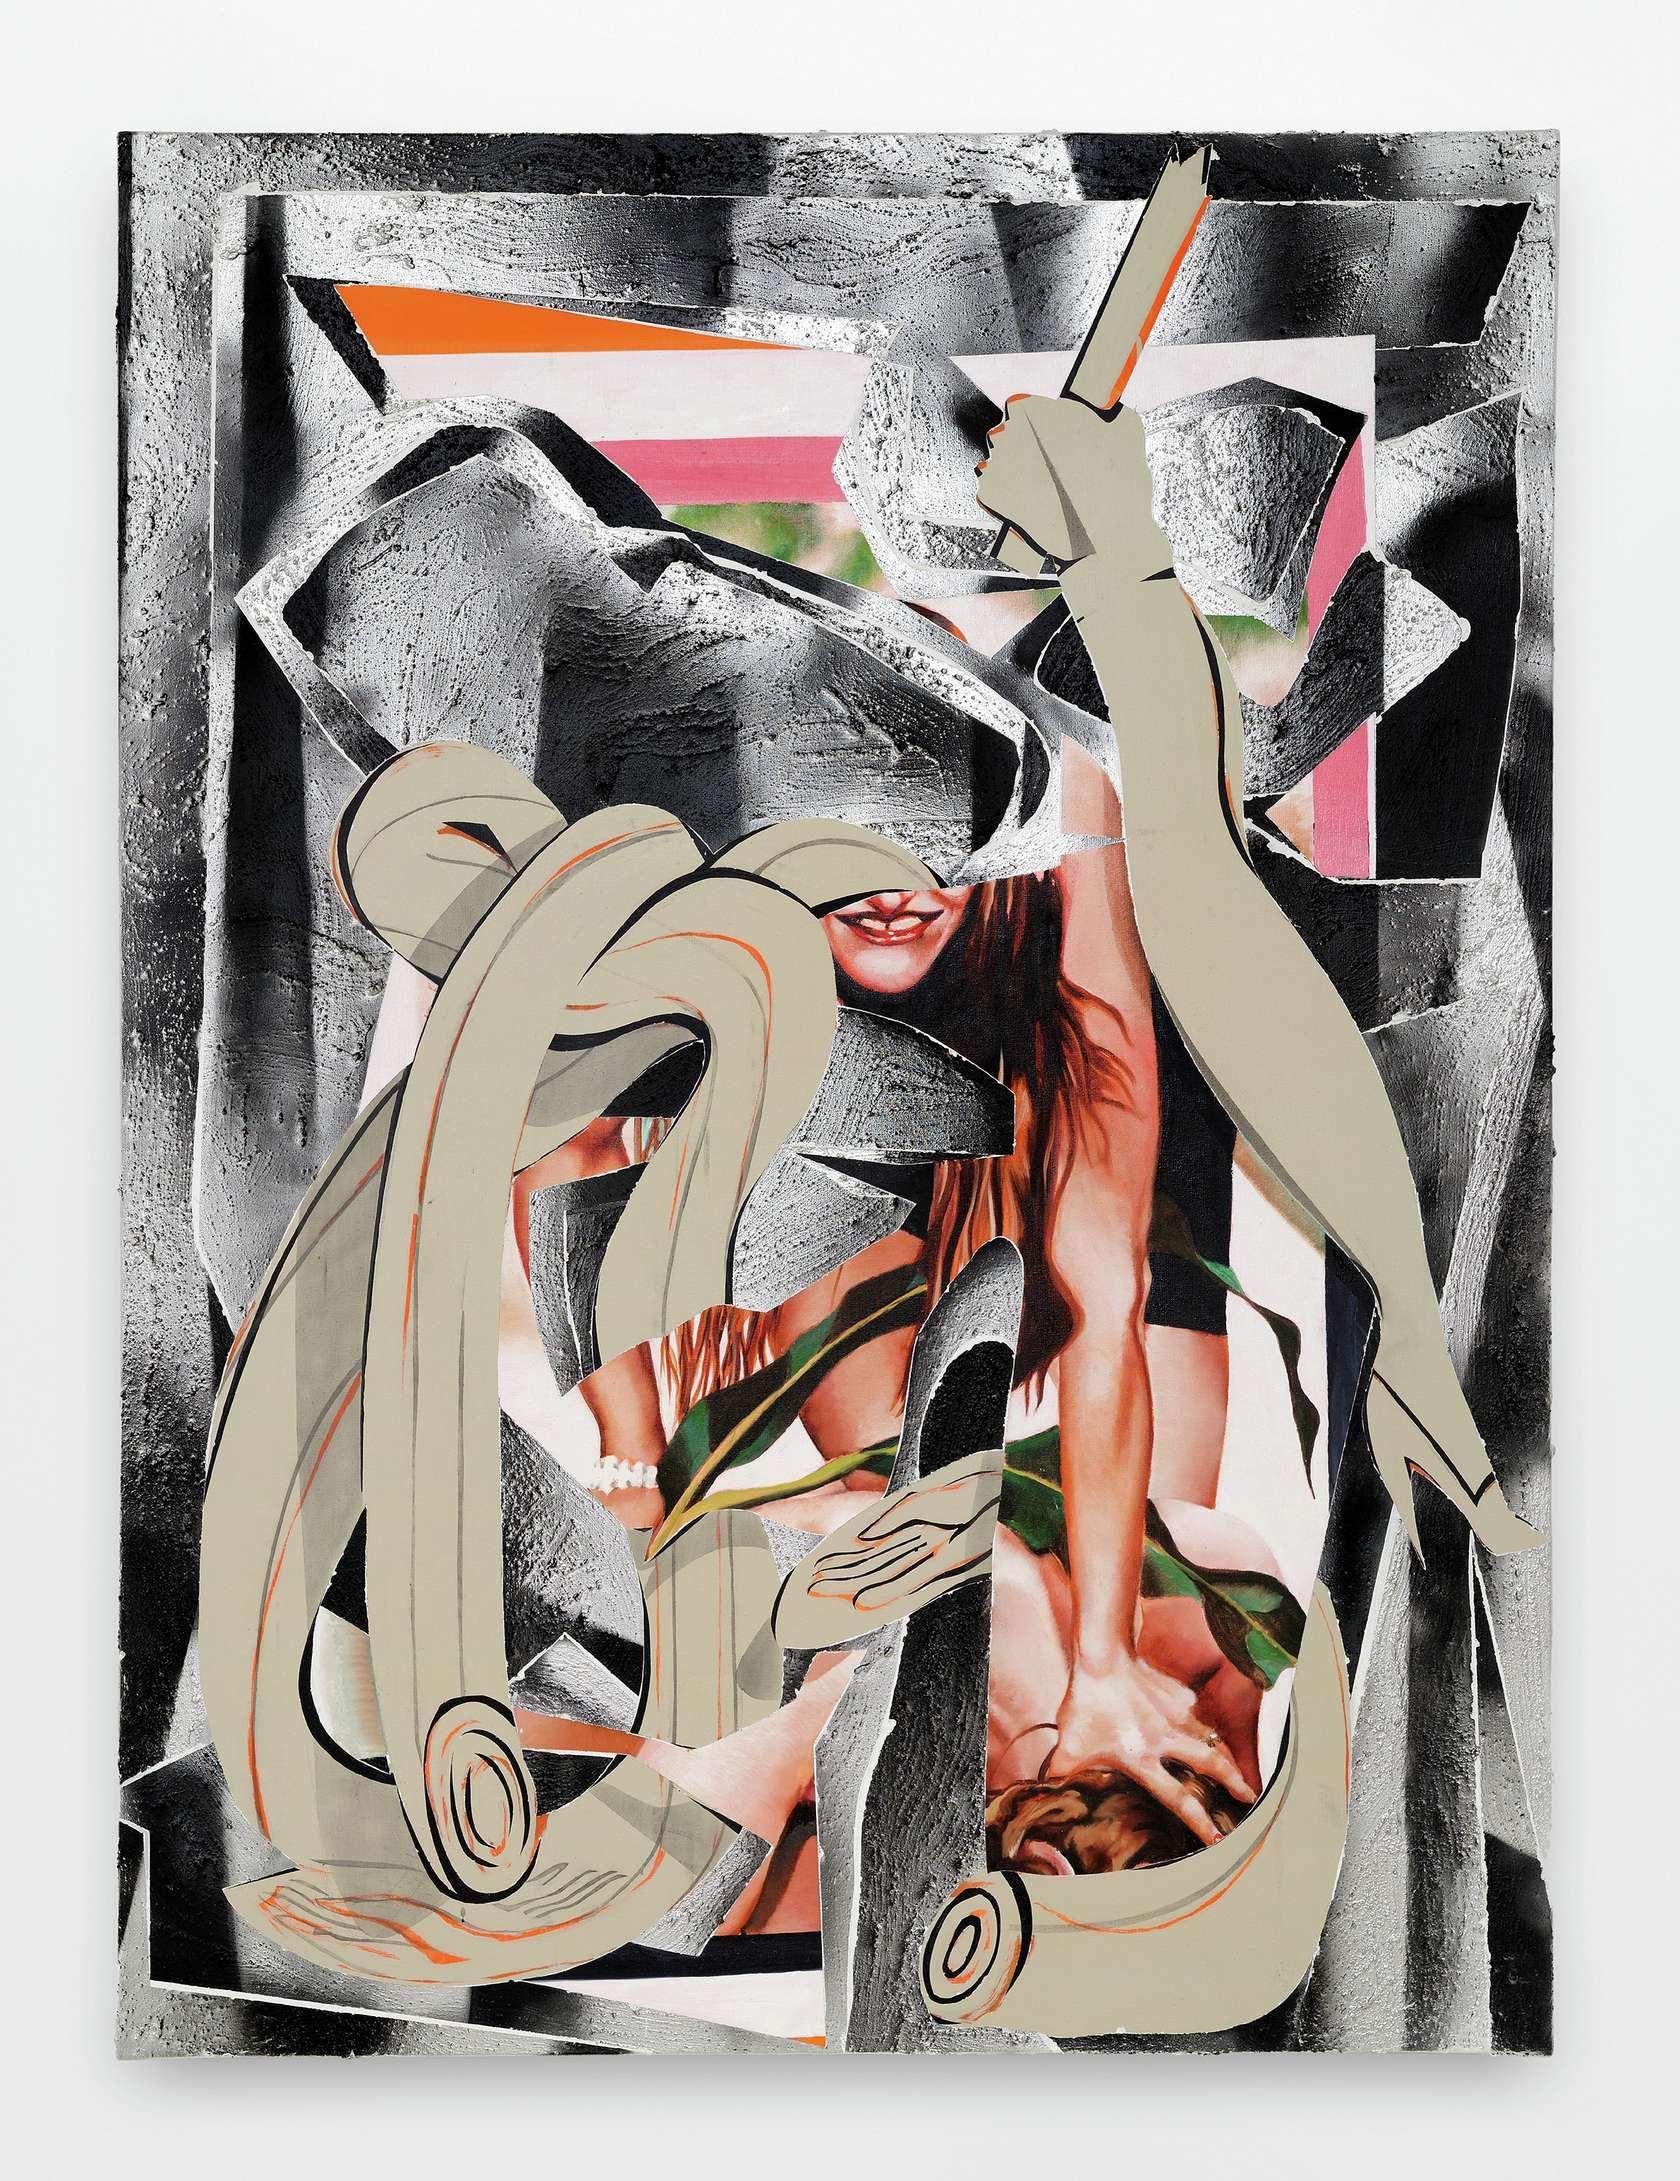 Laurent Proux, Couple II, 2017 Huile sur toile174 x 130 cm / 68 1/2 x 51 1/8 inches